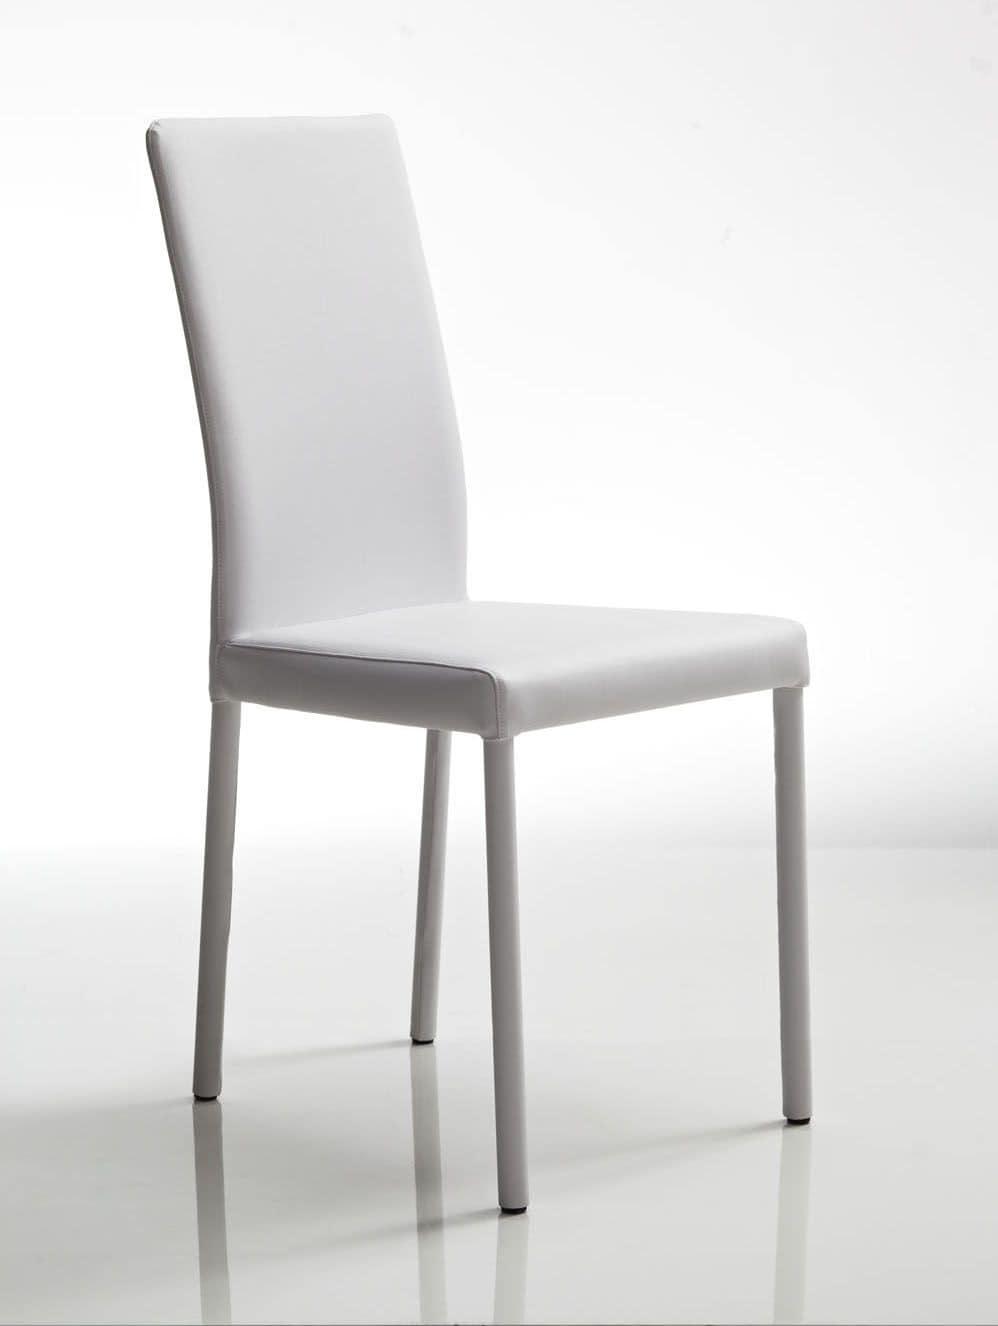 Sedia in pelle bianca, struttura in acciaio, per uso contract e ...